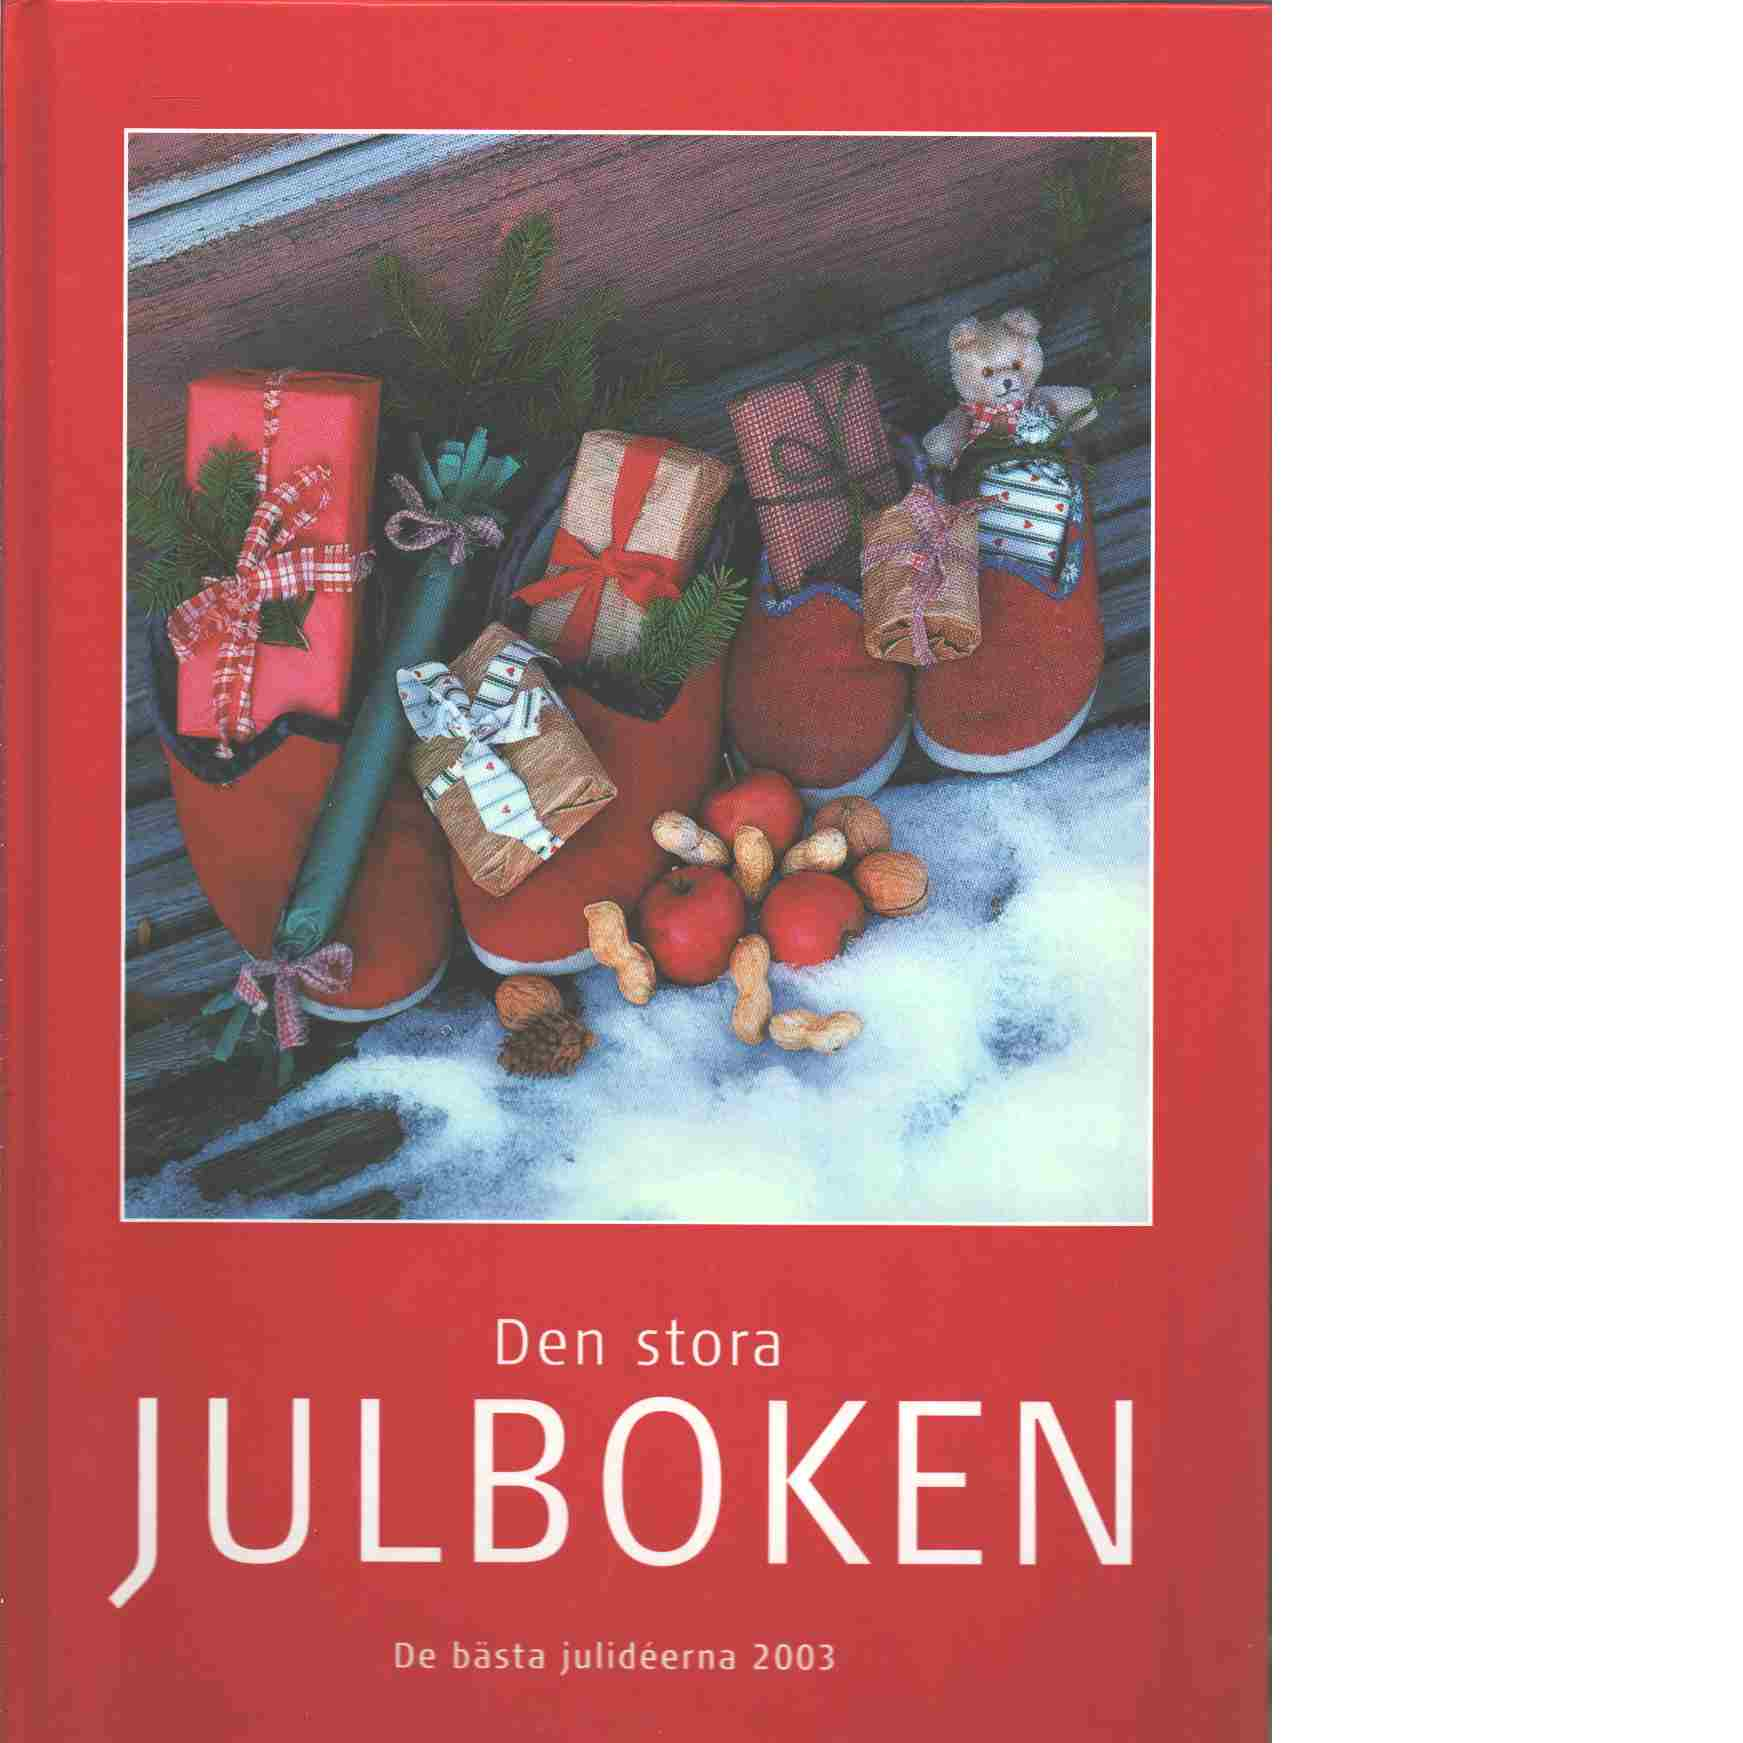 Den stora julboken - De bästa julideerna  2003 - Red.